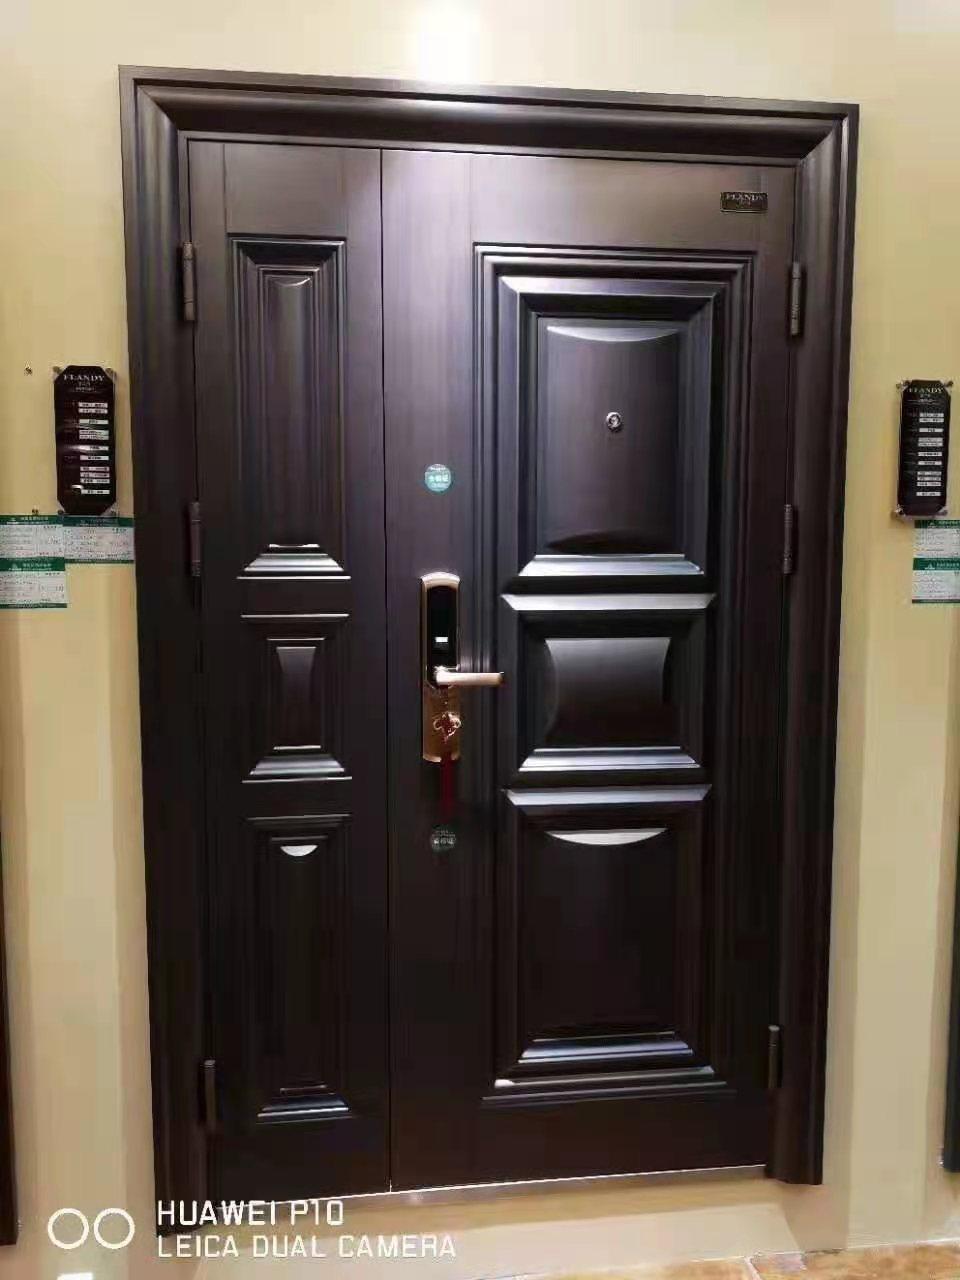 卢氏县附近开锁换锁多少钱?安装门锁注意事项有哪些?-- 卢氏县万能开锁中心